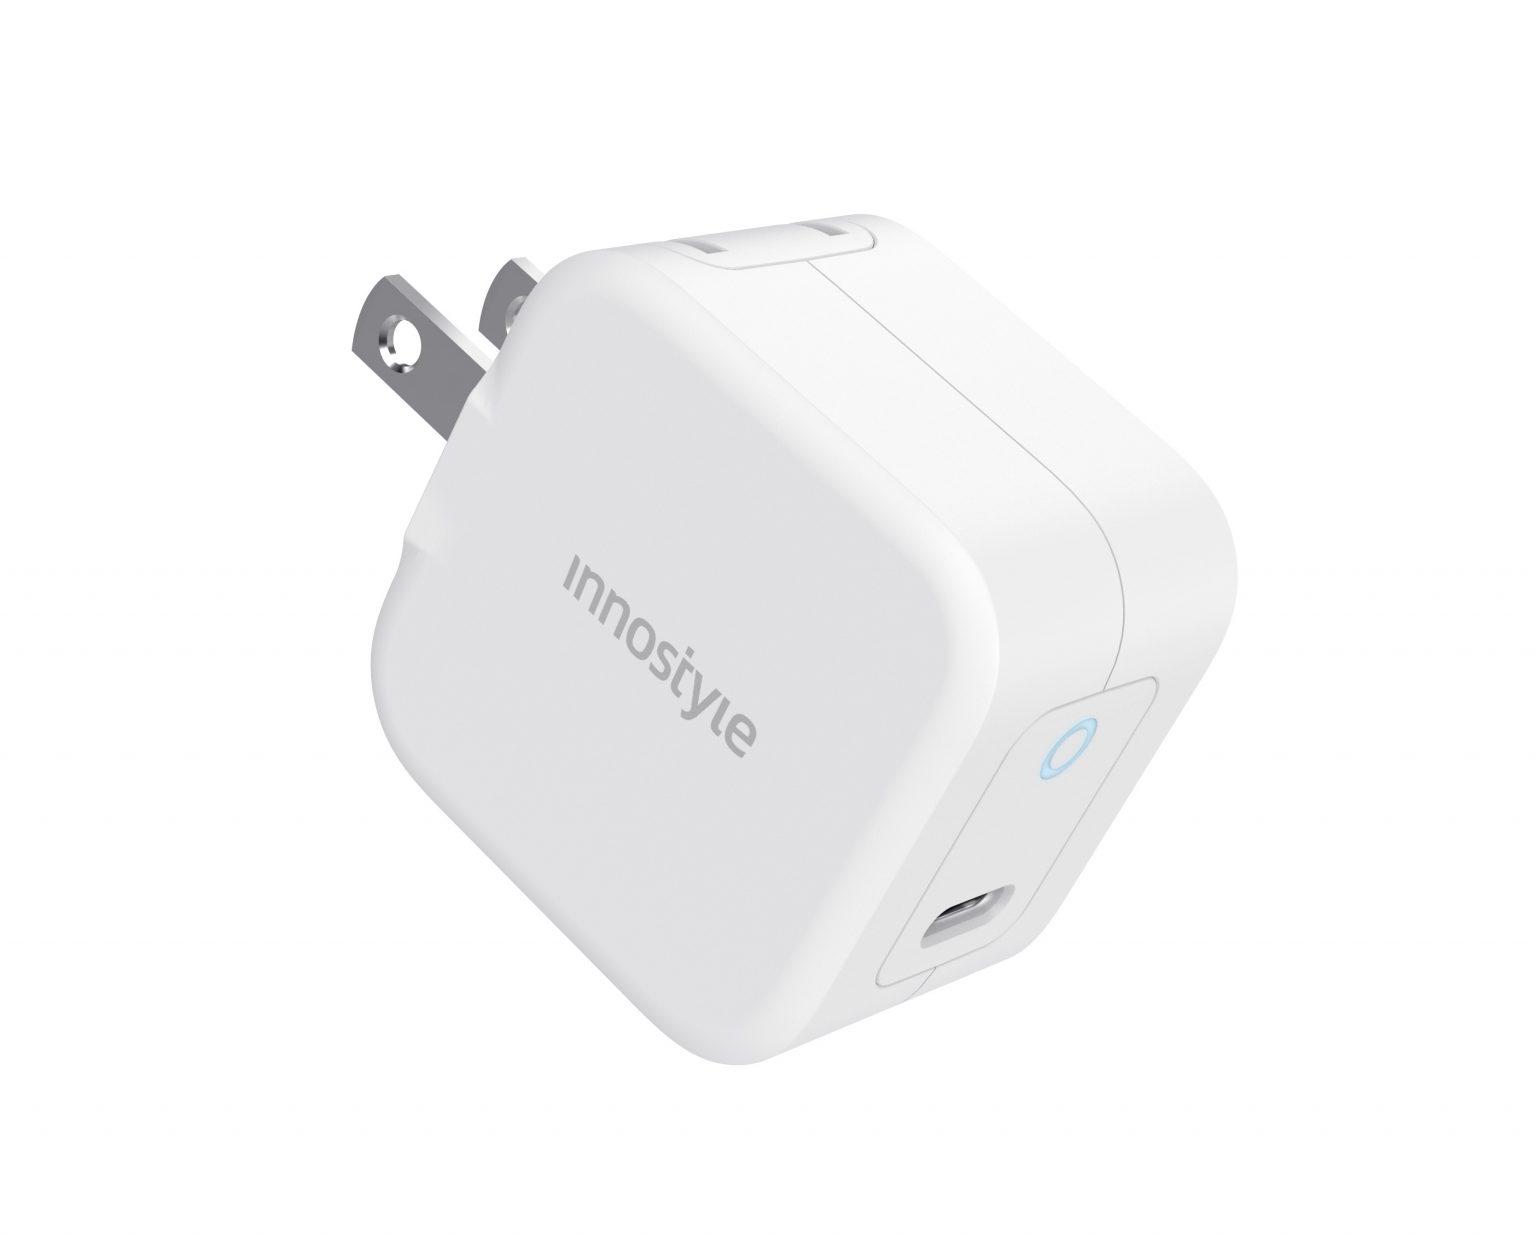 SẠC NHANH INNOSTYLE USB-C PD 20W MINIGO III WHITE - Hàng Chính Hãng - IC20PDWHI